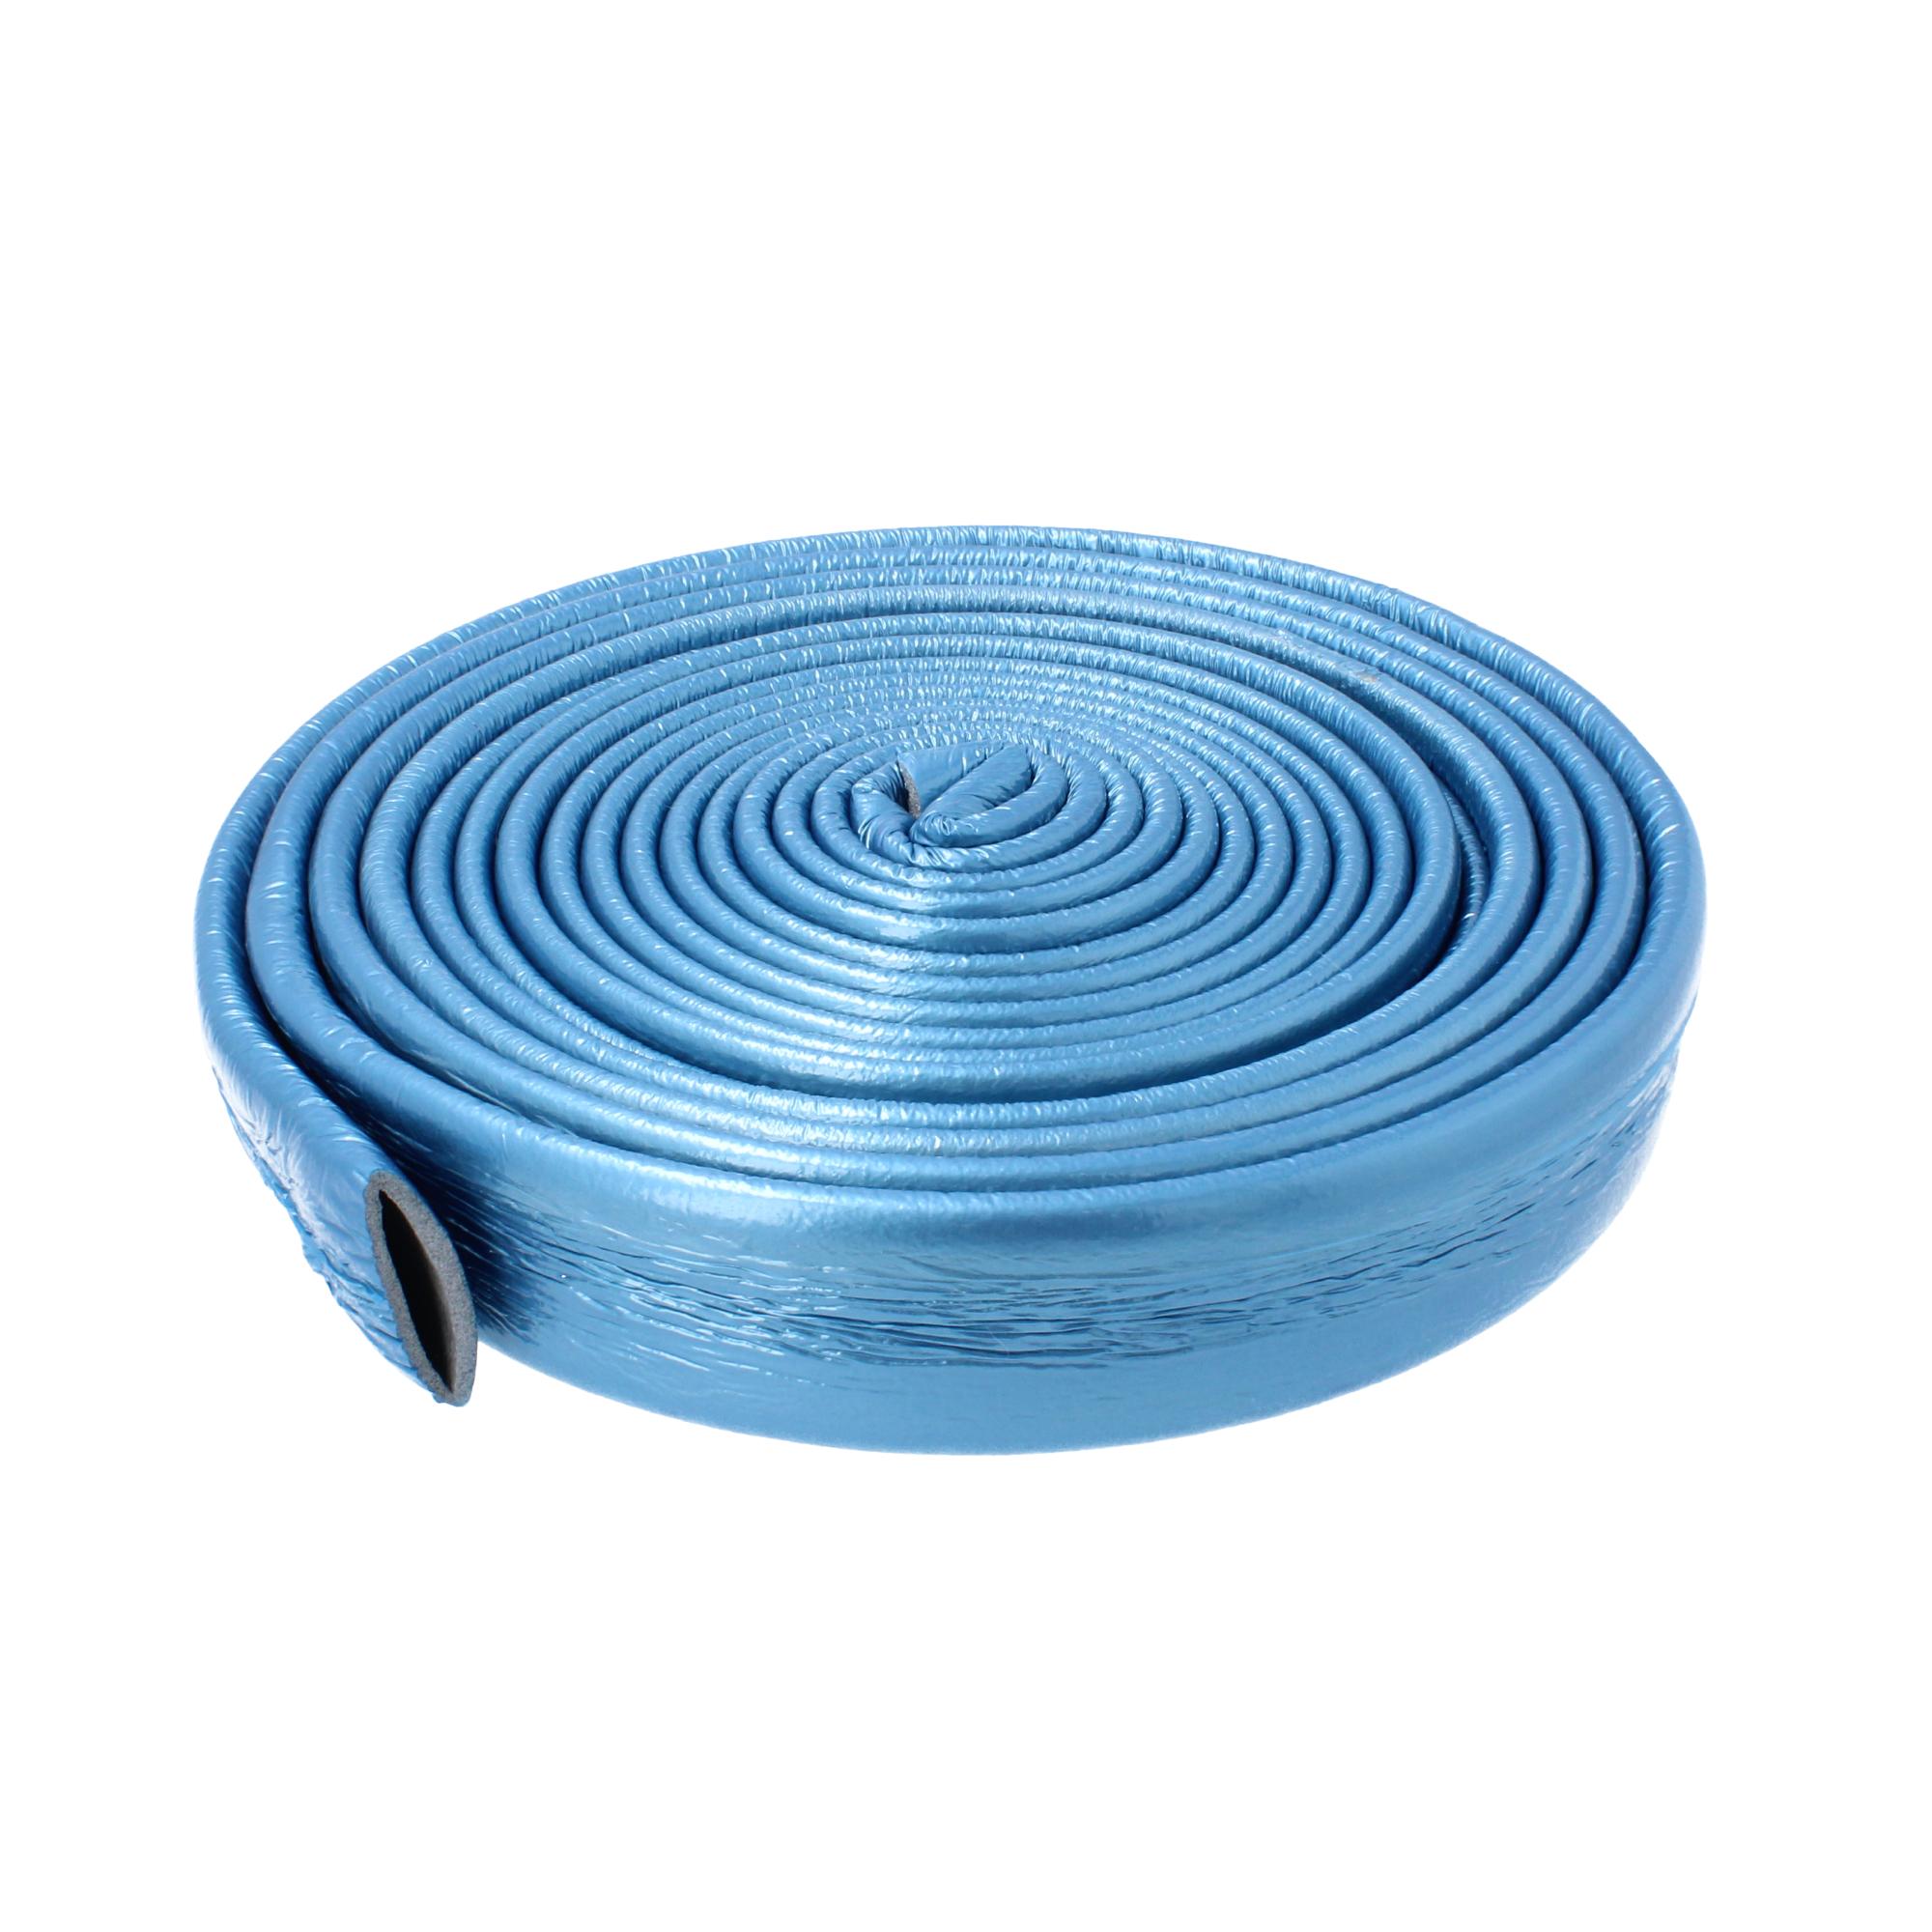 Otulina niebieska 10 m 35 mm / 6 mm